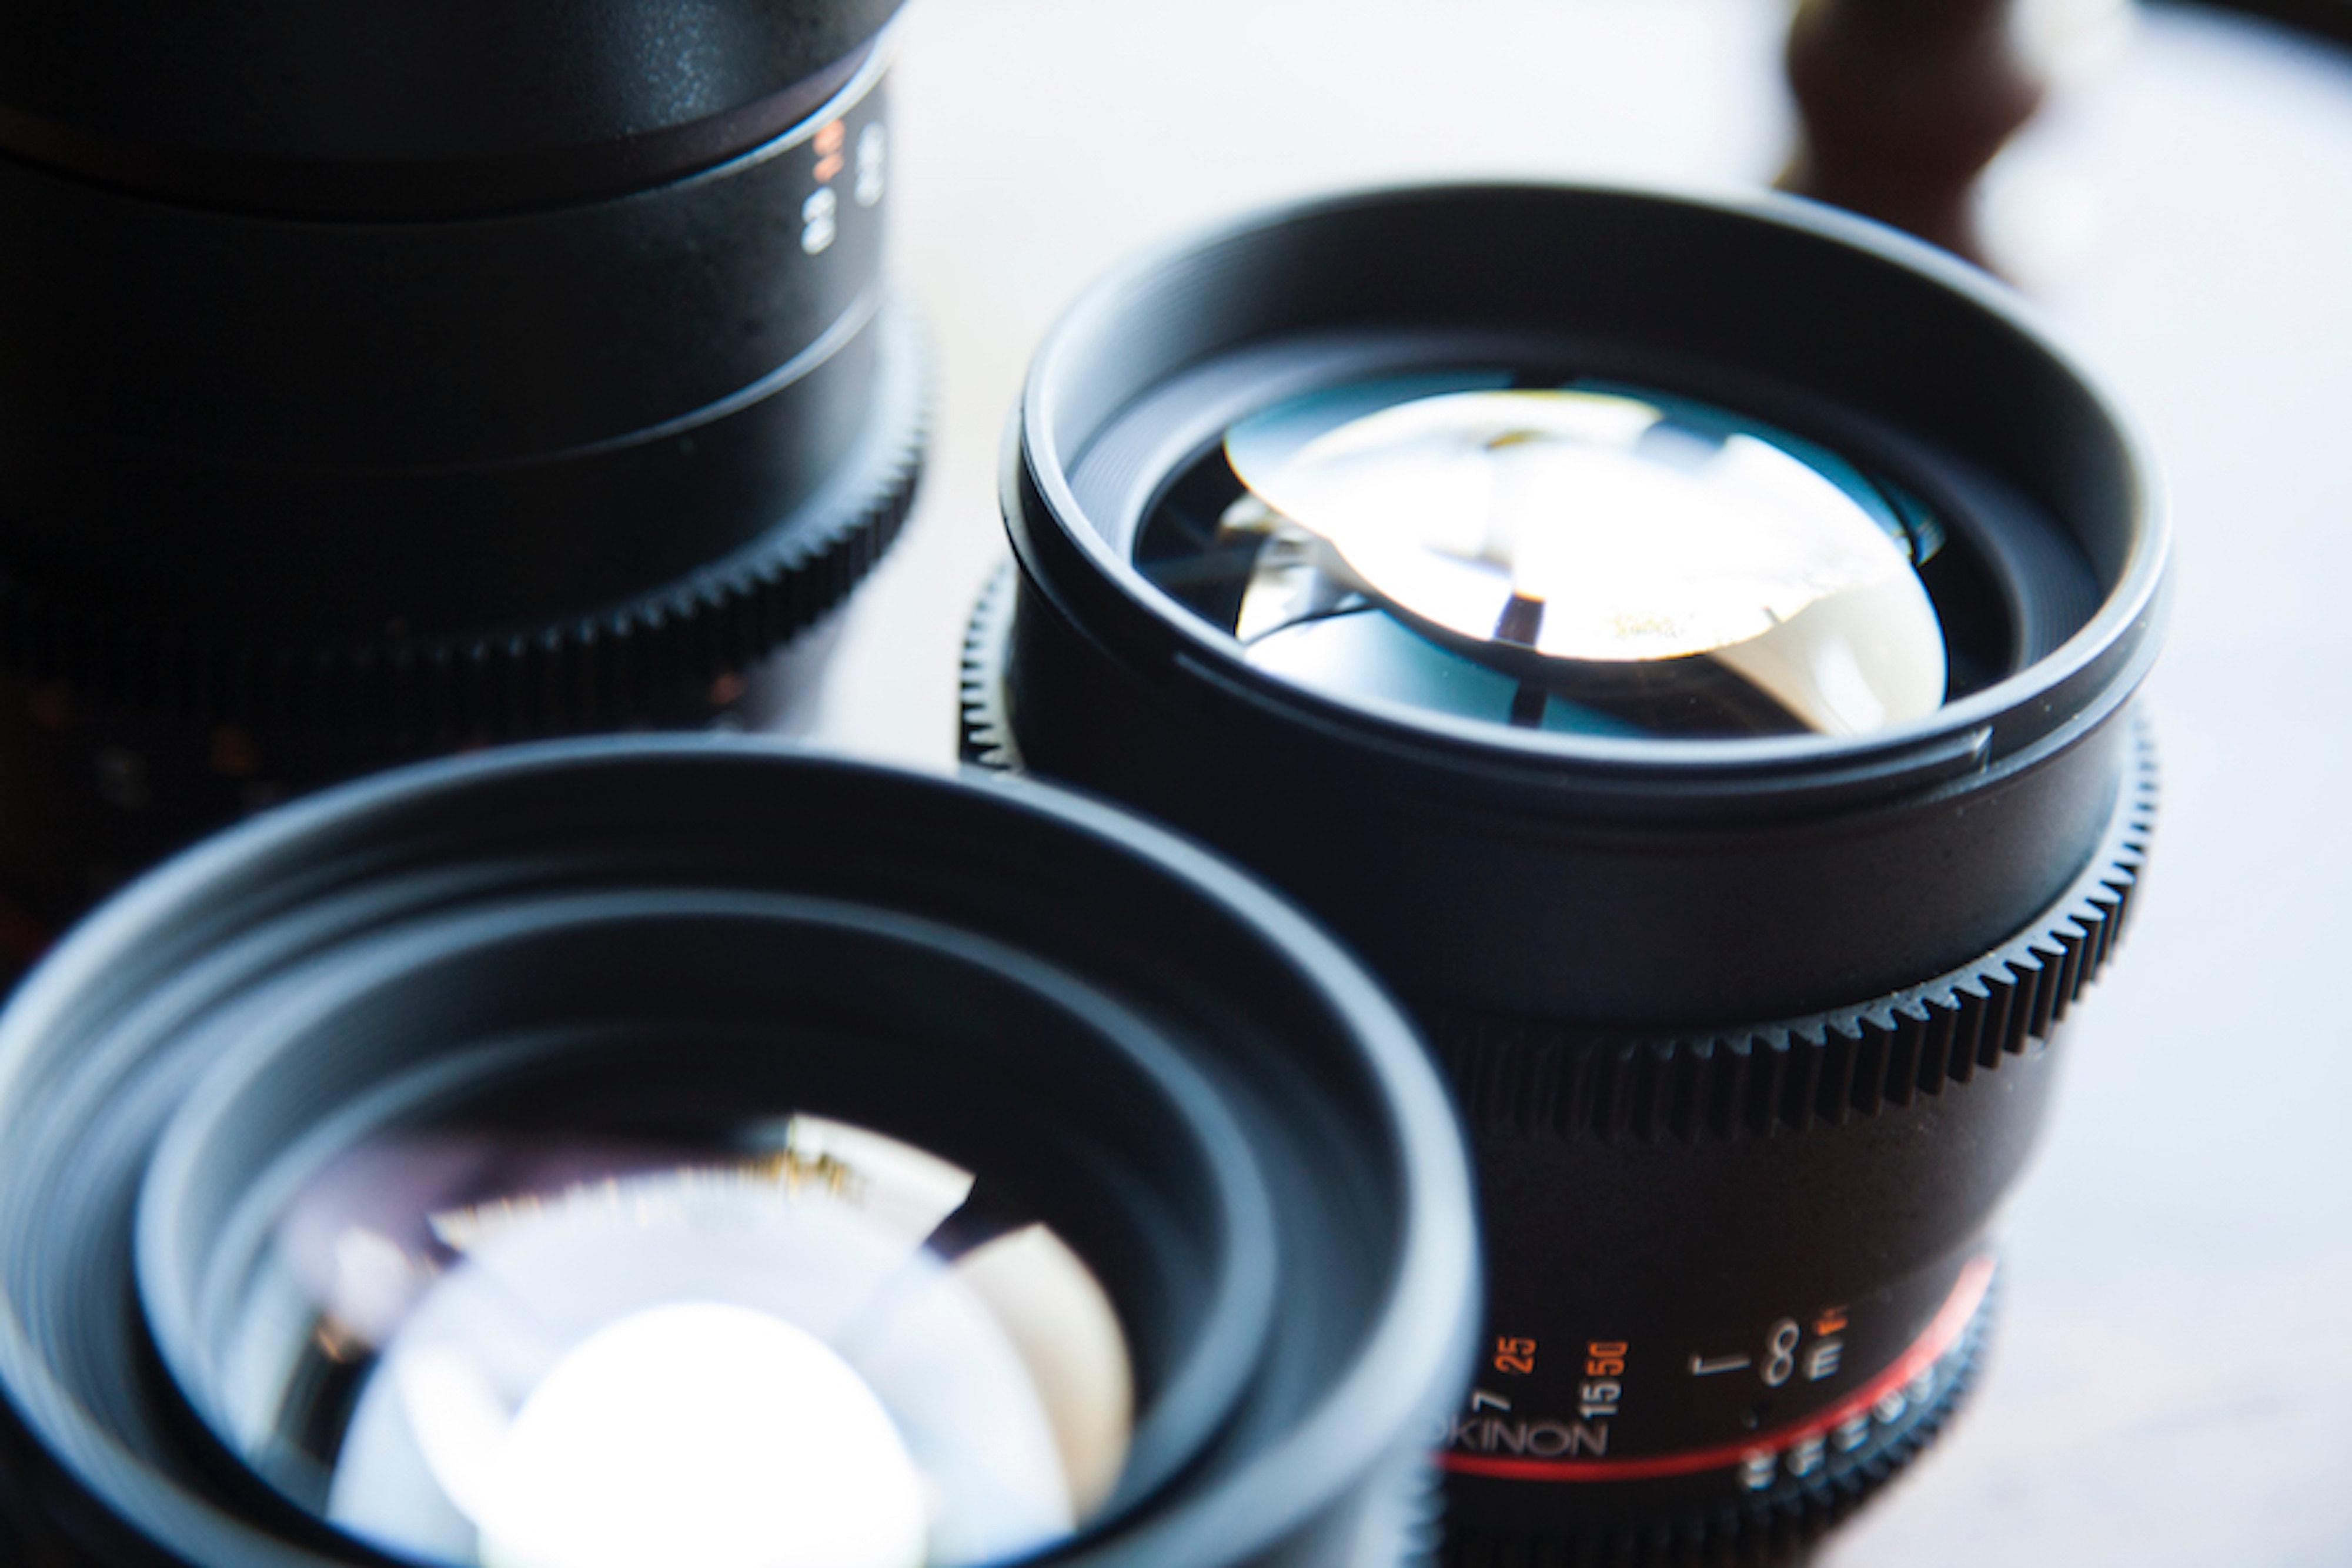 Tipos de objetivos en relación a la distancia focal